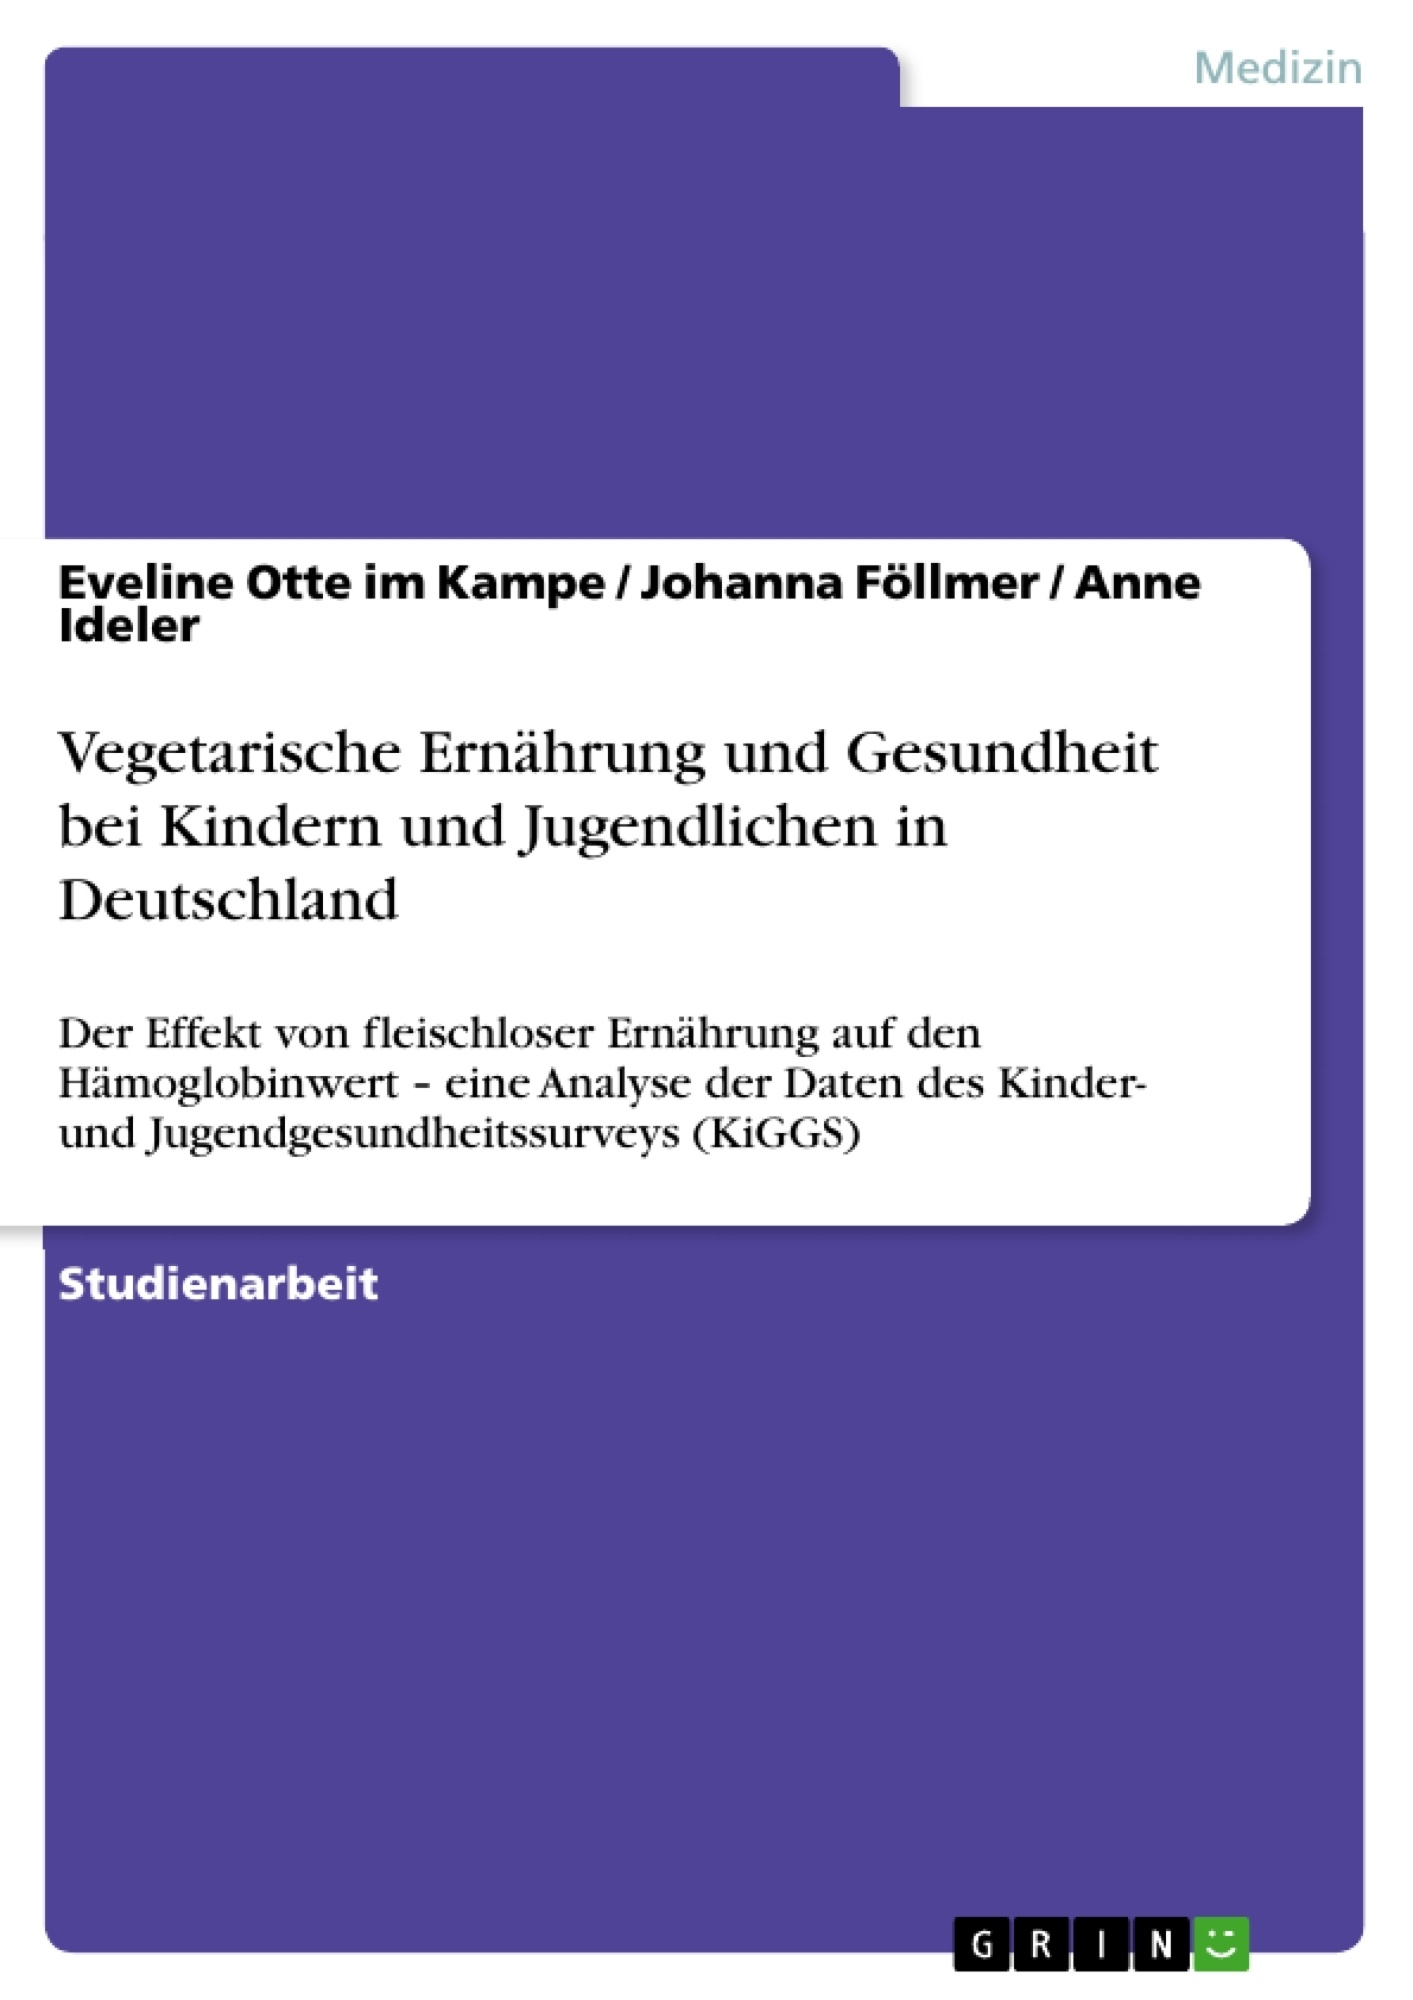 Titel: Vegetarische Ernährung und Gesundheit bei Kindern und Jugendlichen in Deutschland